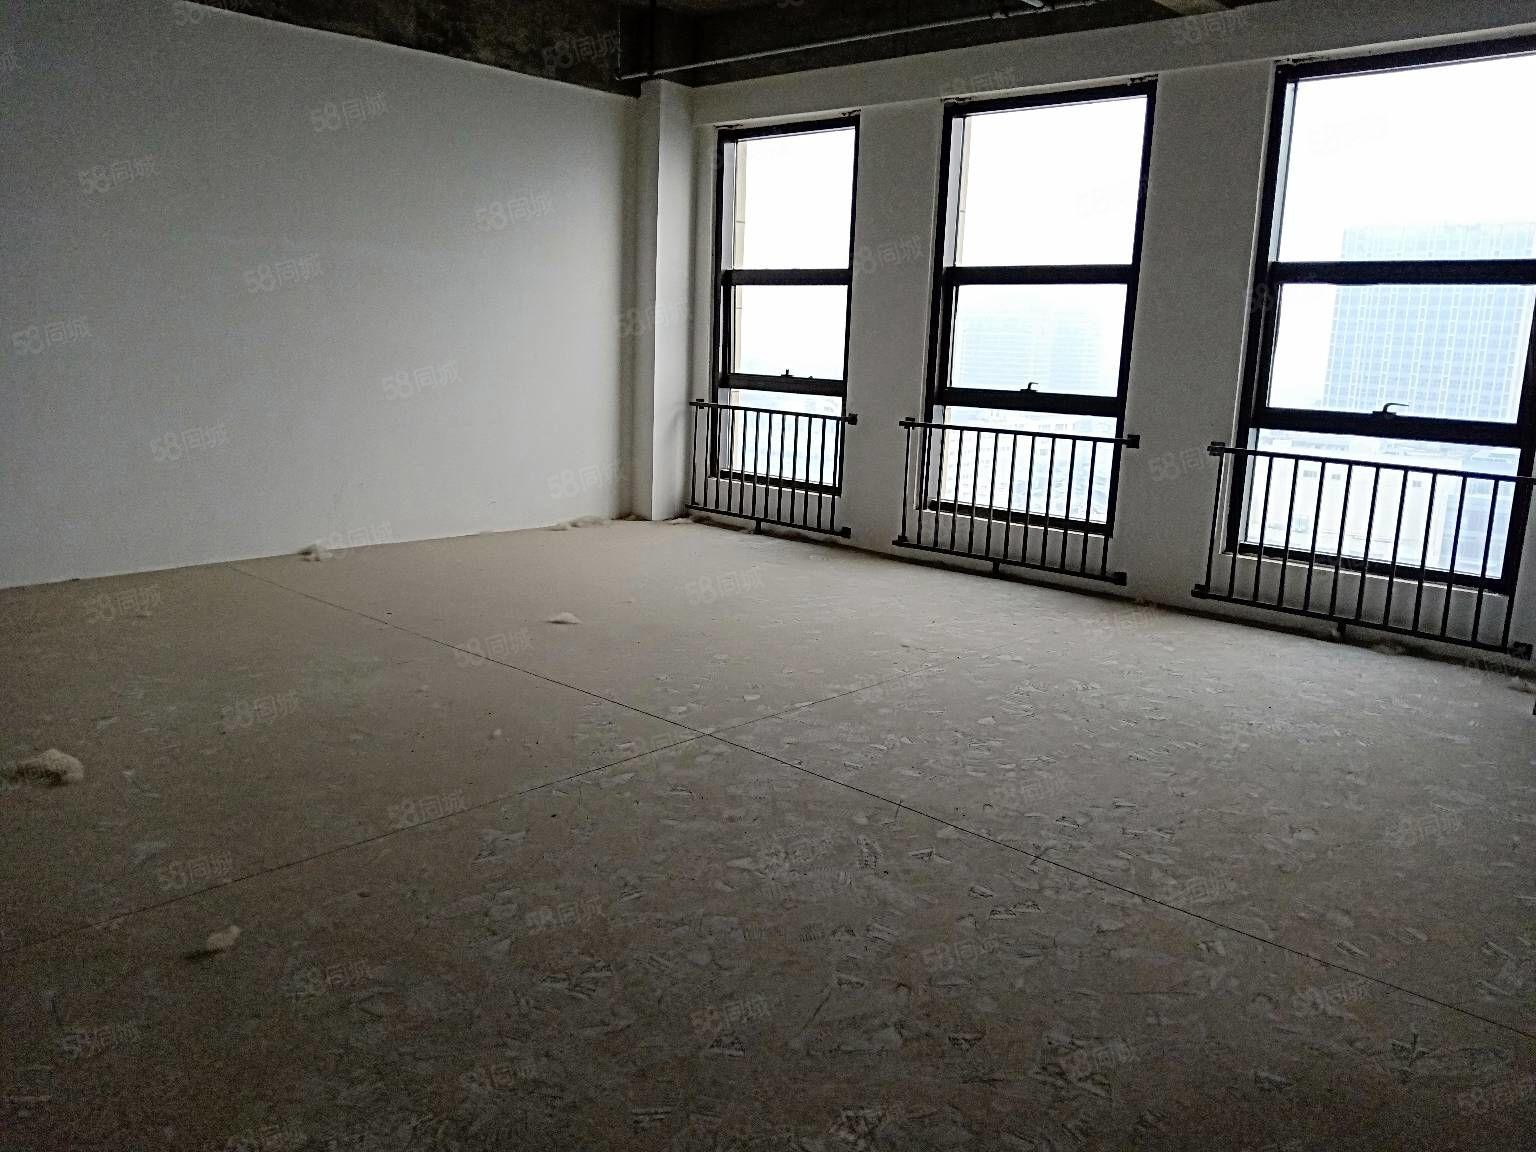 急售豪森丽都南向86平带车位好楼层88万房东忍痛,割爱出售房